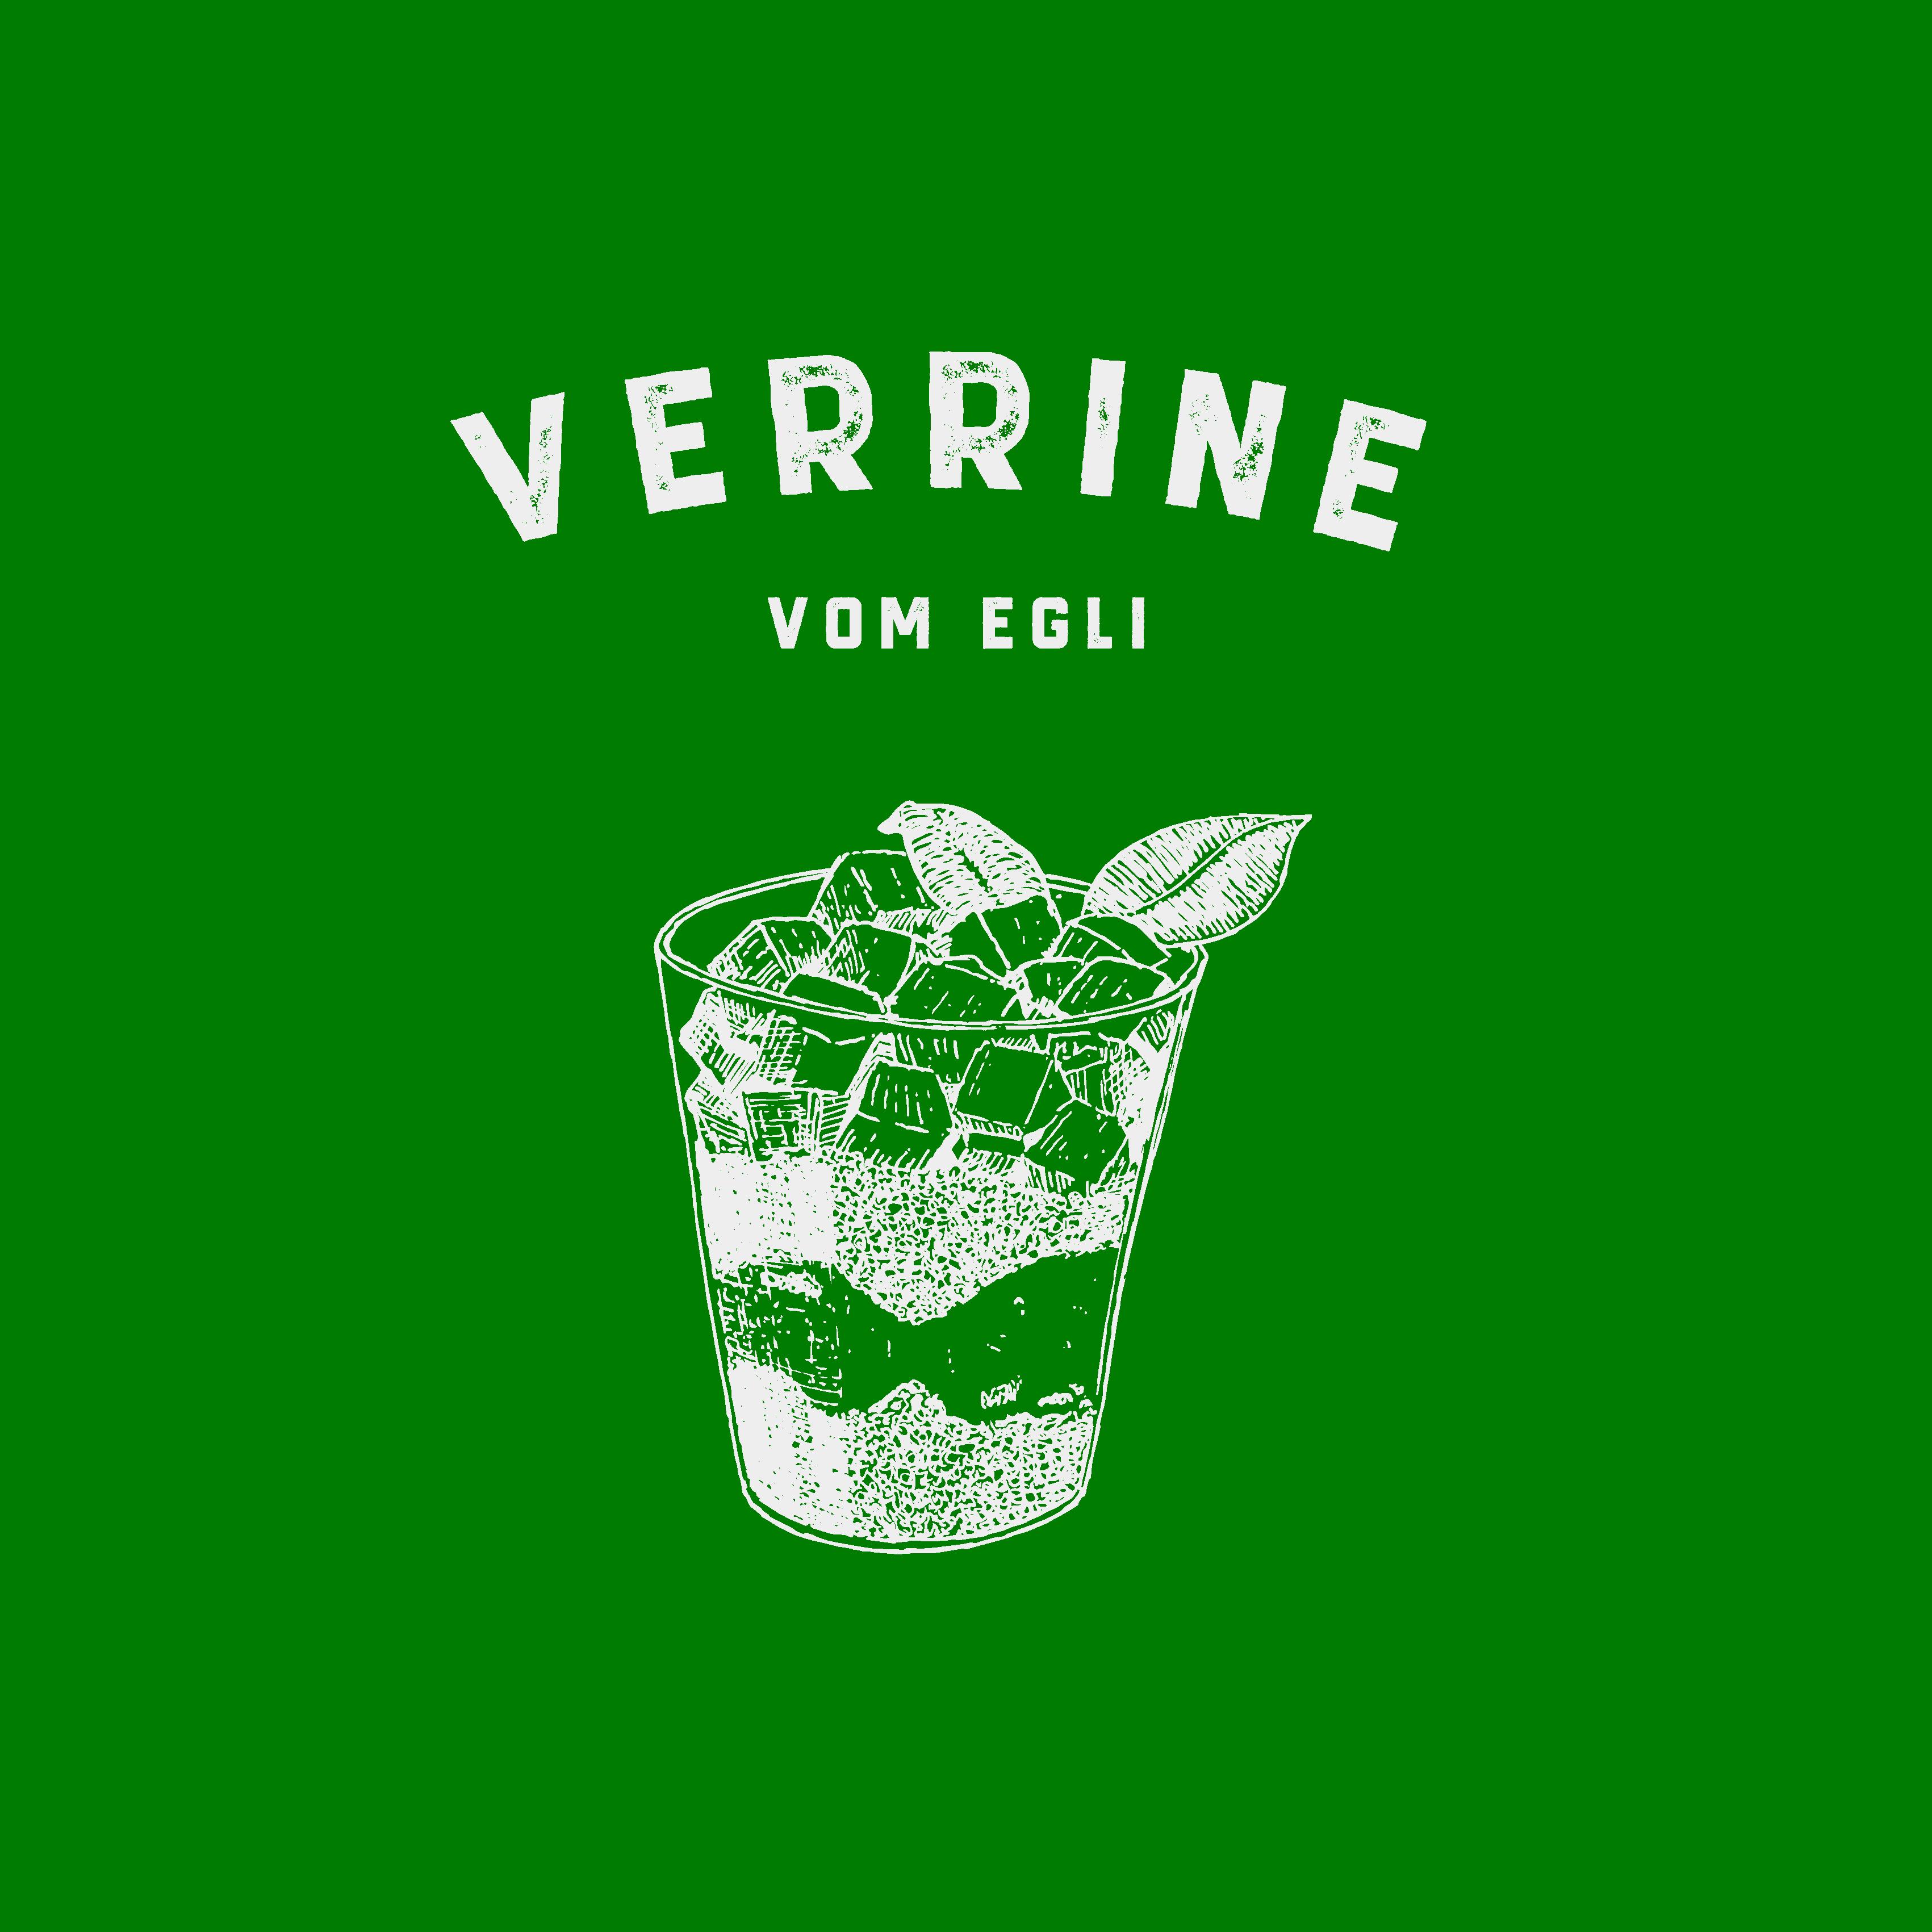 FT LABEL FOOD DE VERRINE